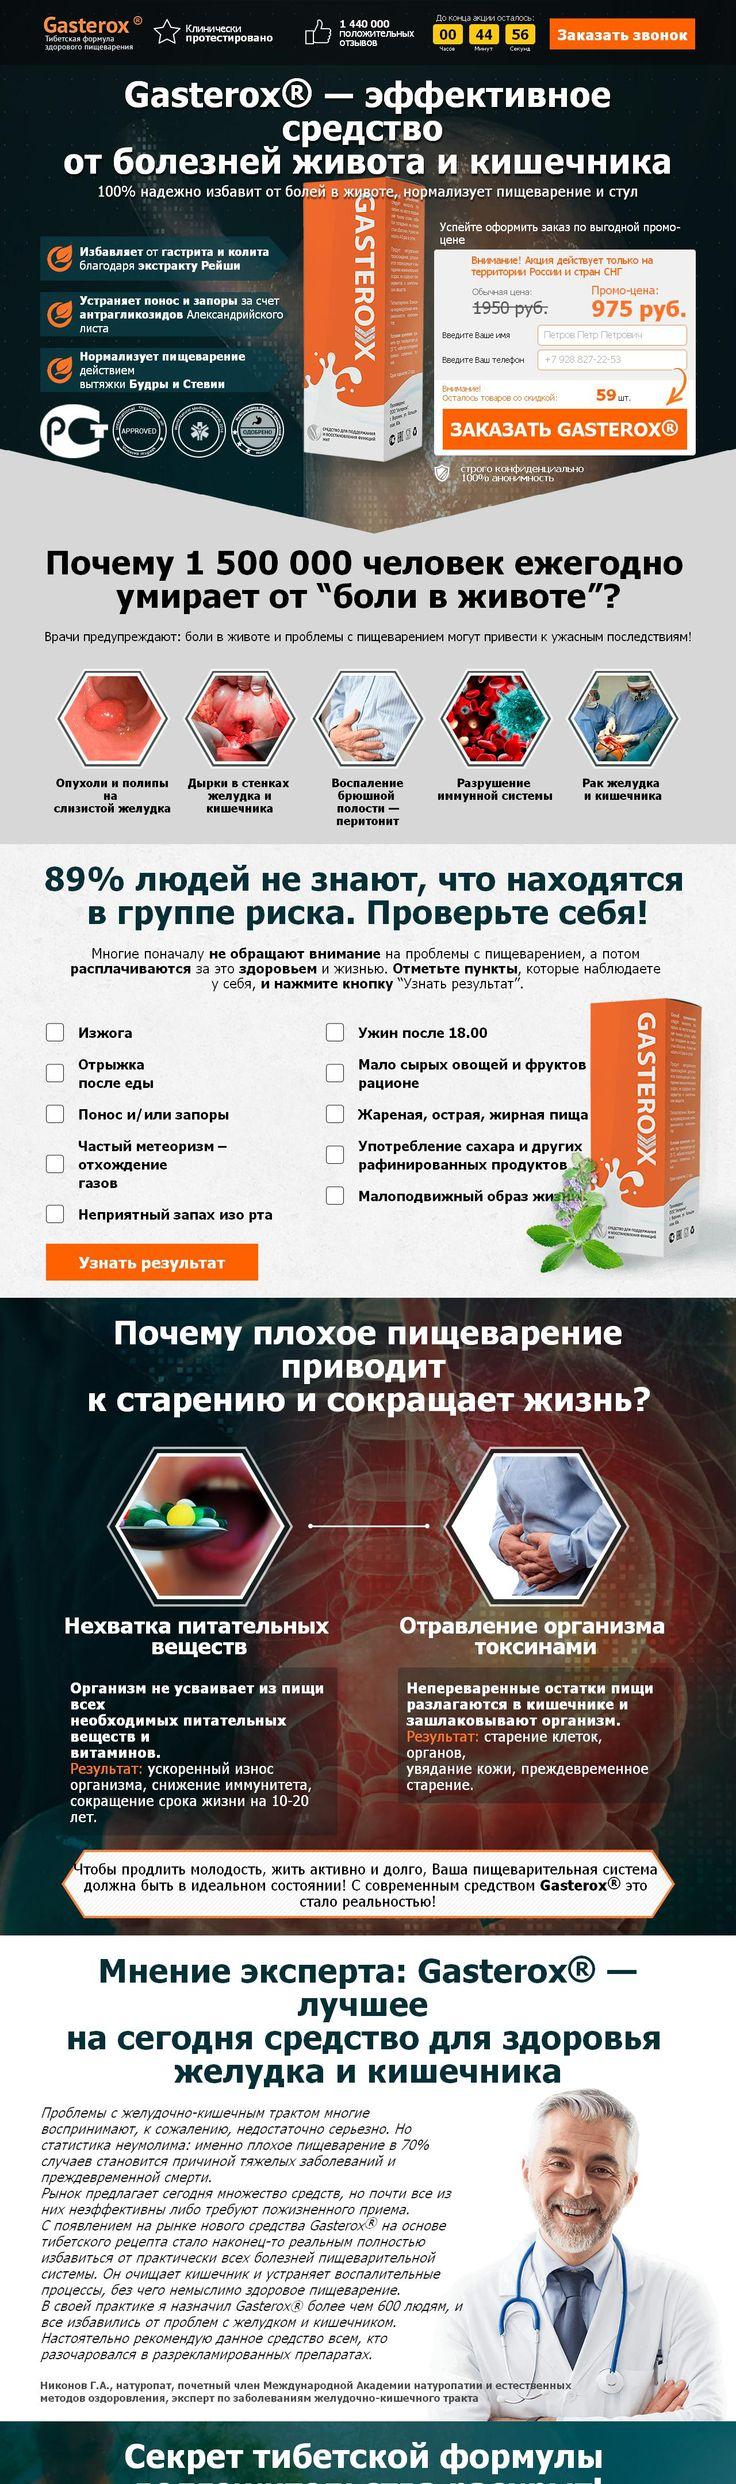 Gasterox от болезней живота и кишечника в Новокузнецке